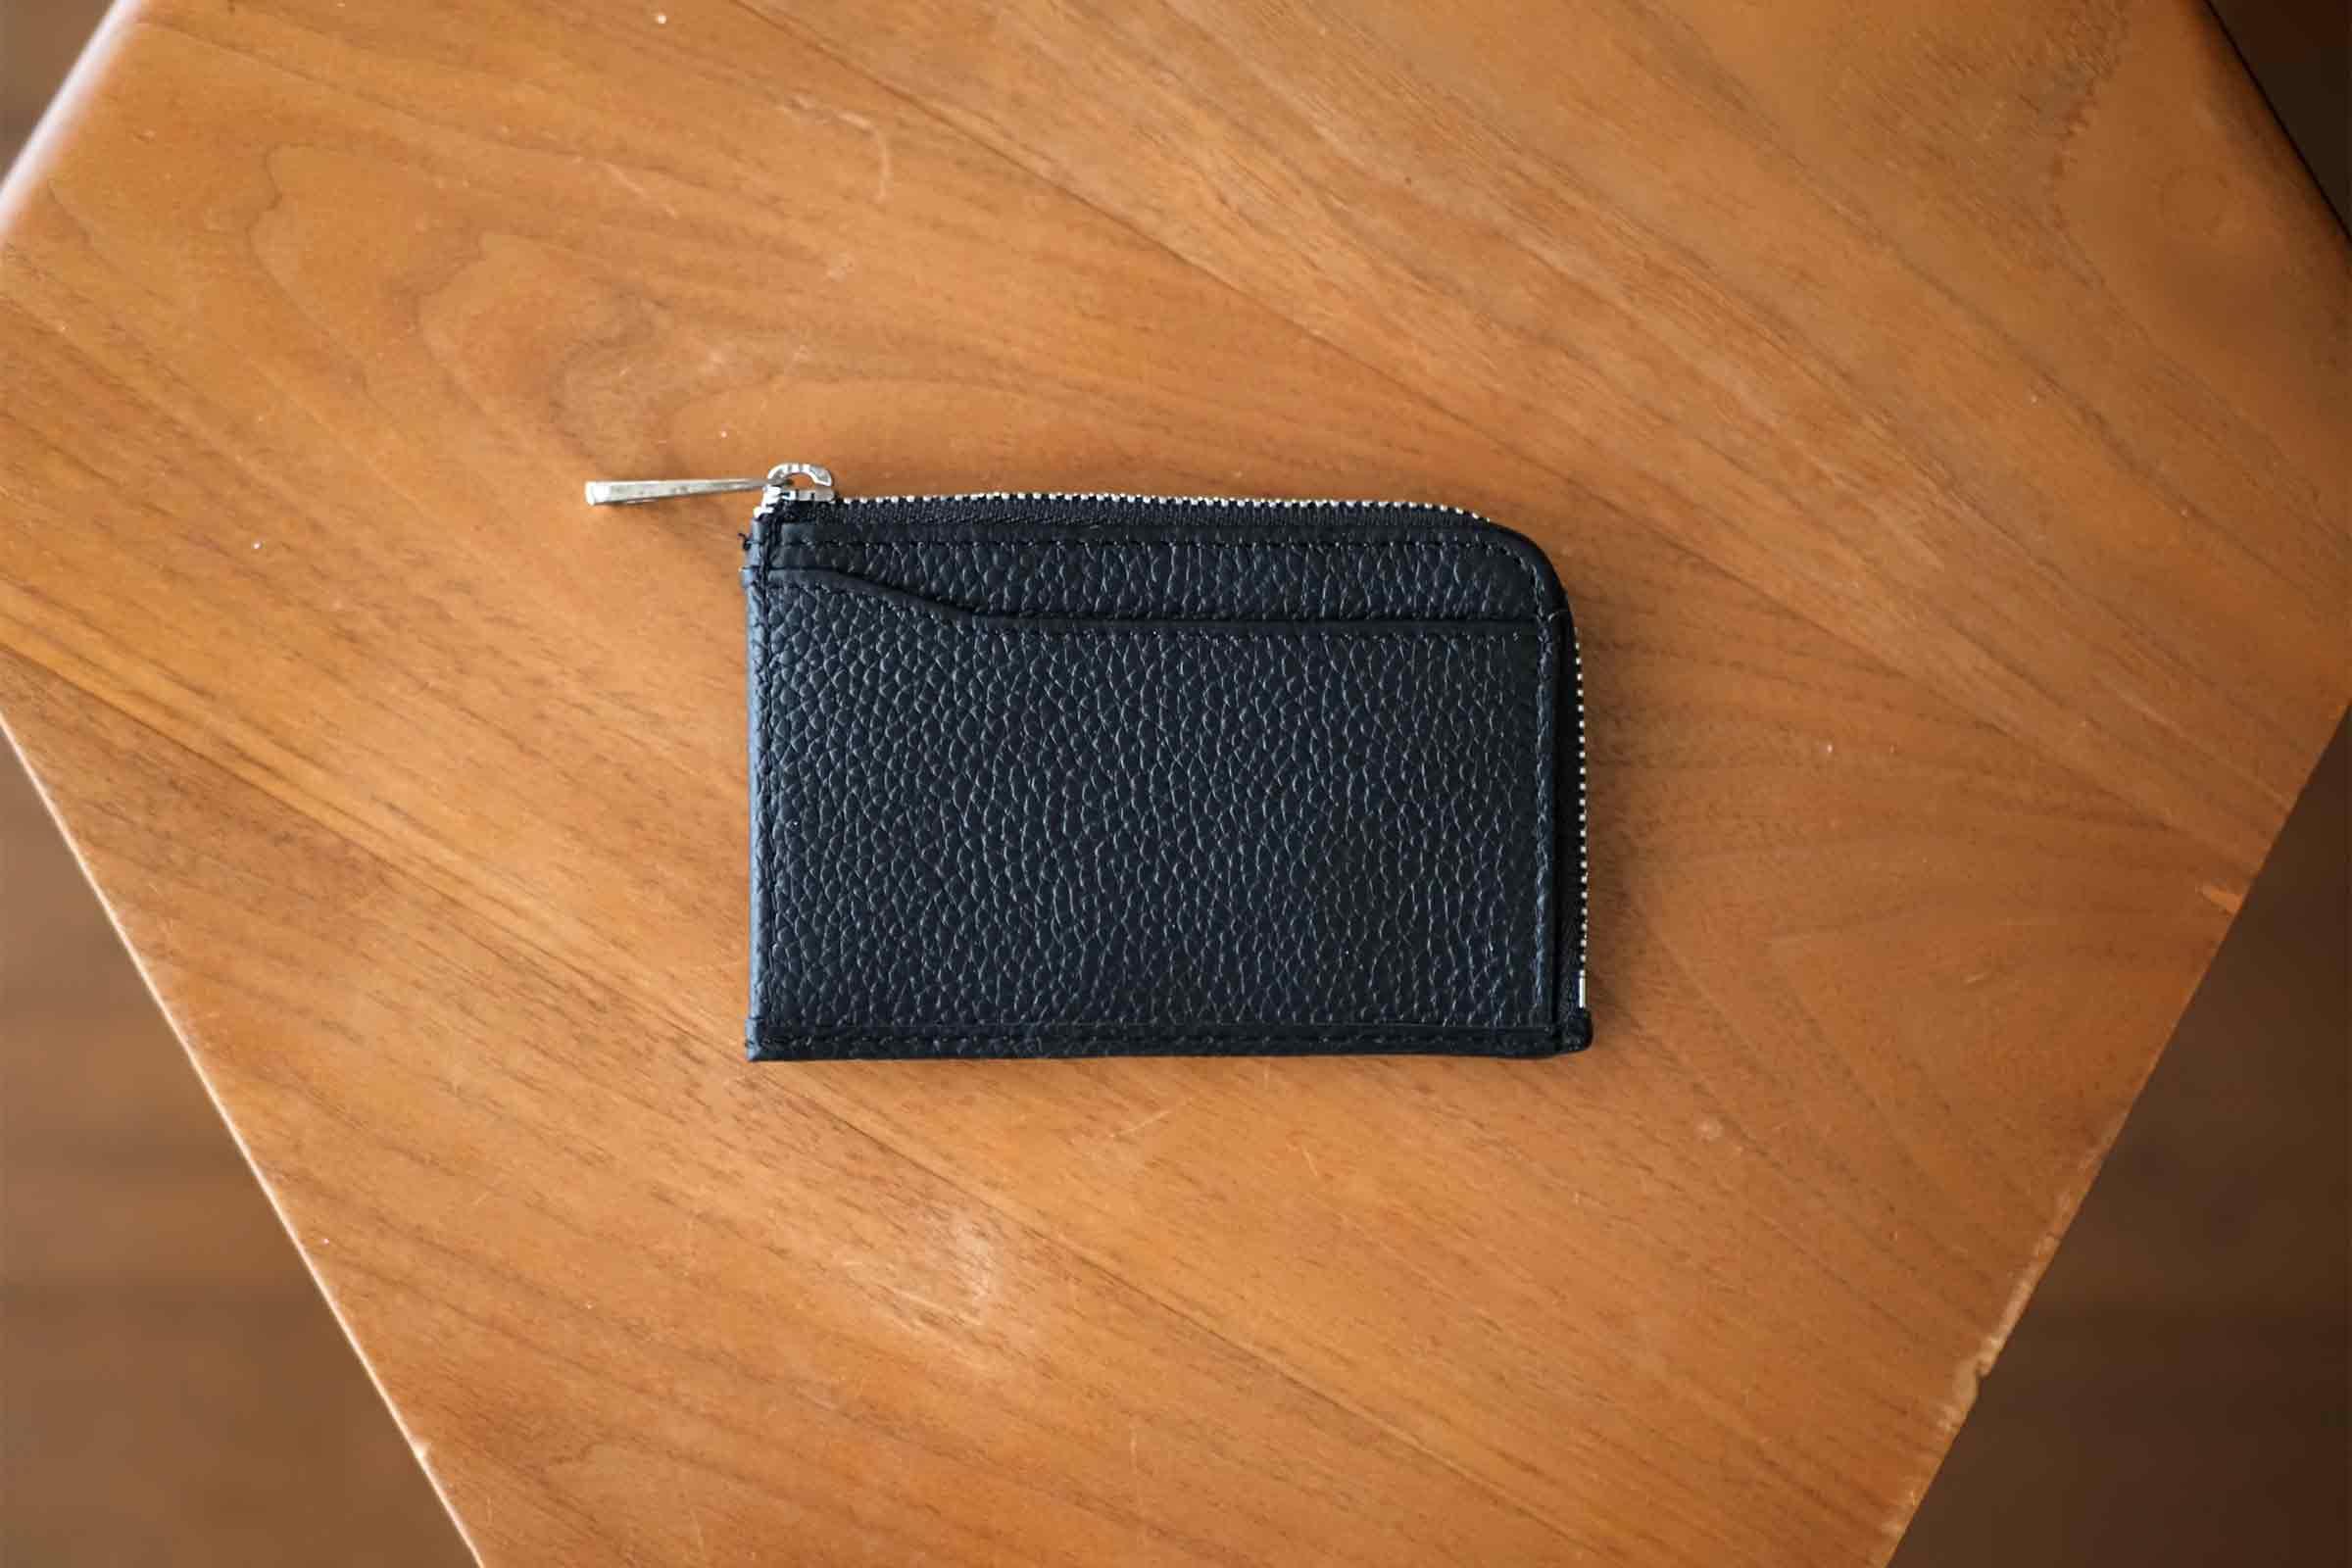 ミニ財布,リスキーモデル,risky,コンパクト,小さい,安い,コスパ,定期